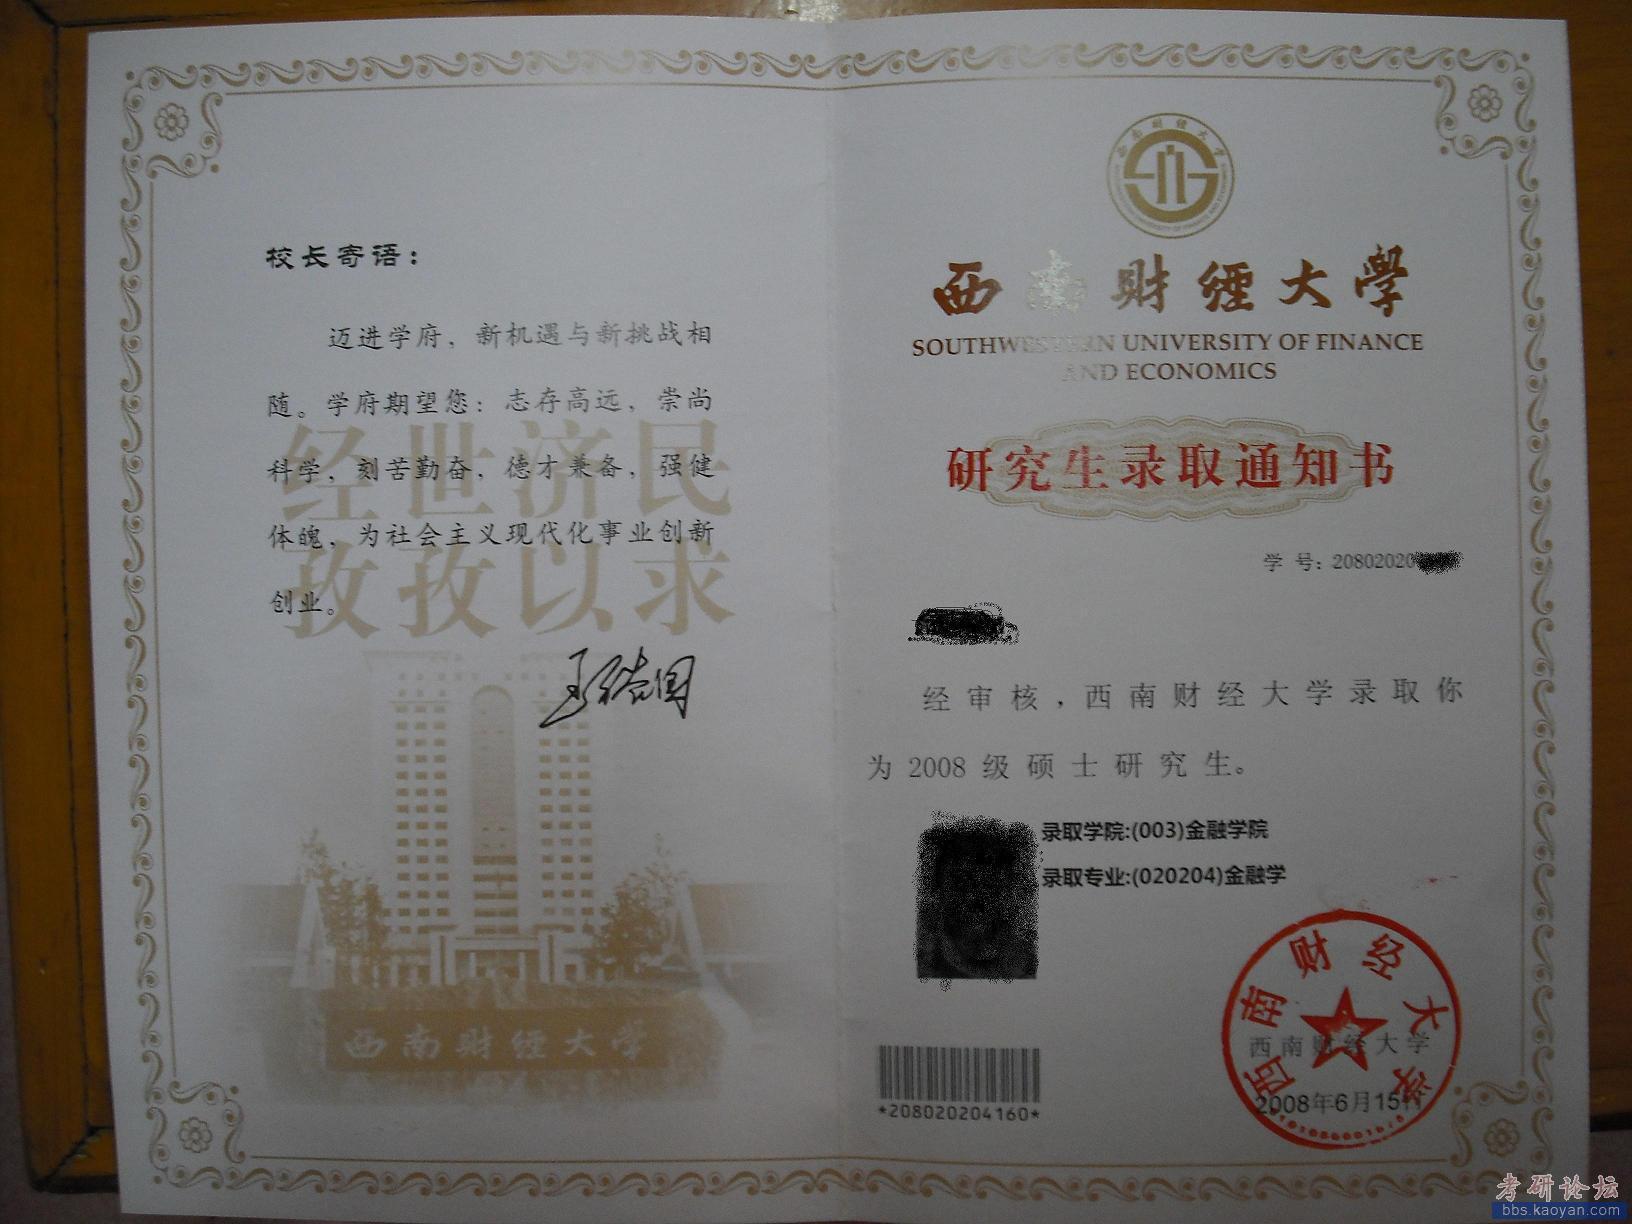 先发通知书的图片 西南财经大学 kaoyan.com